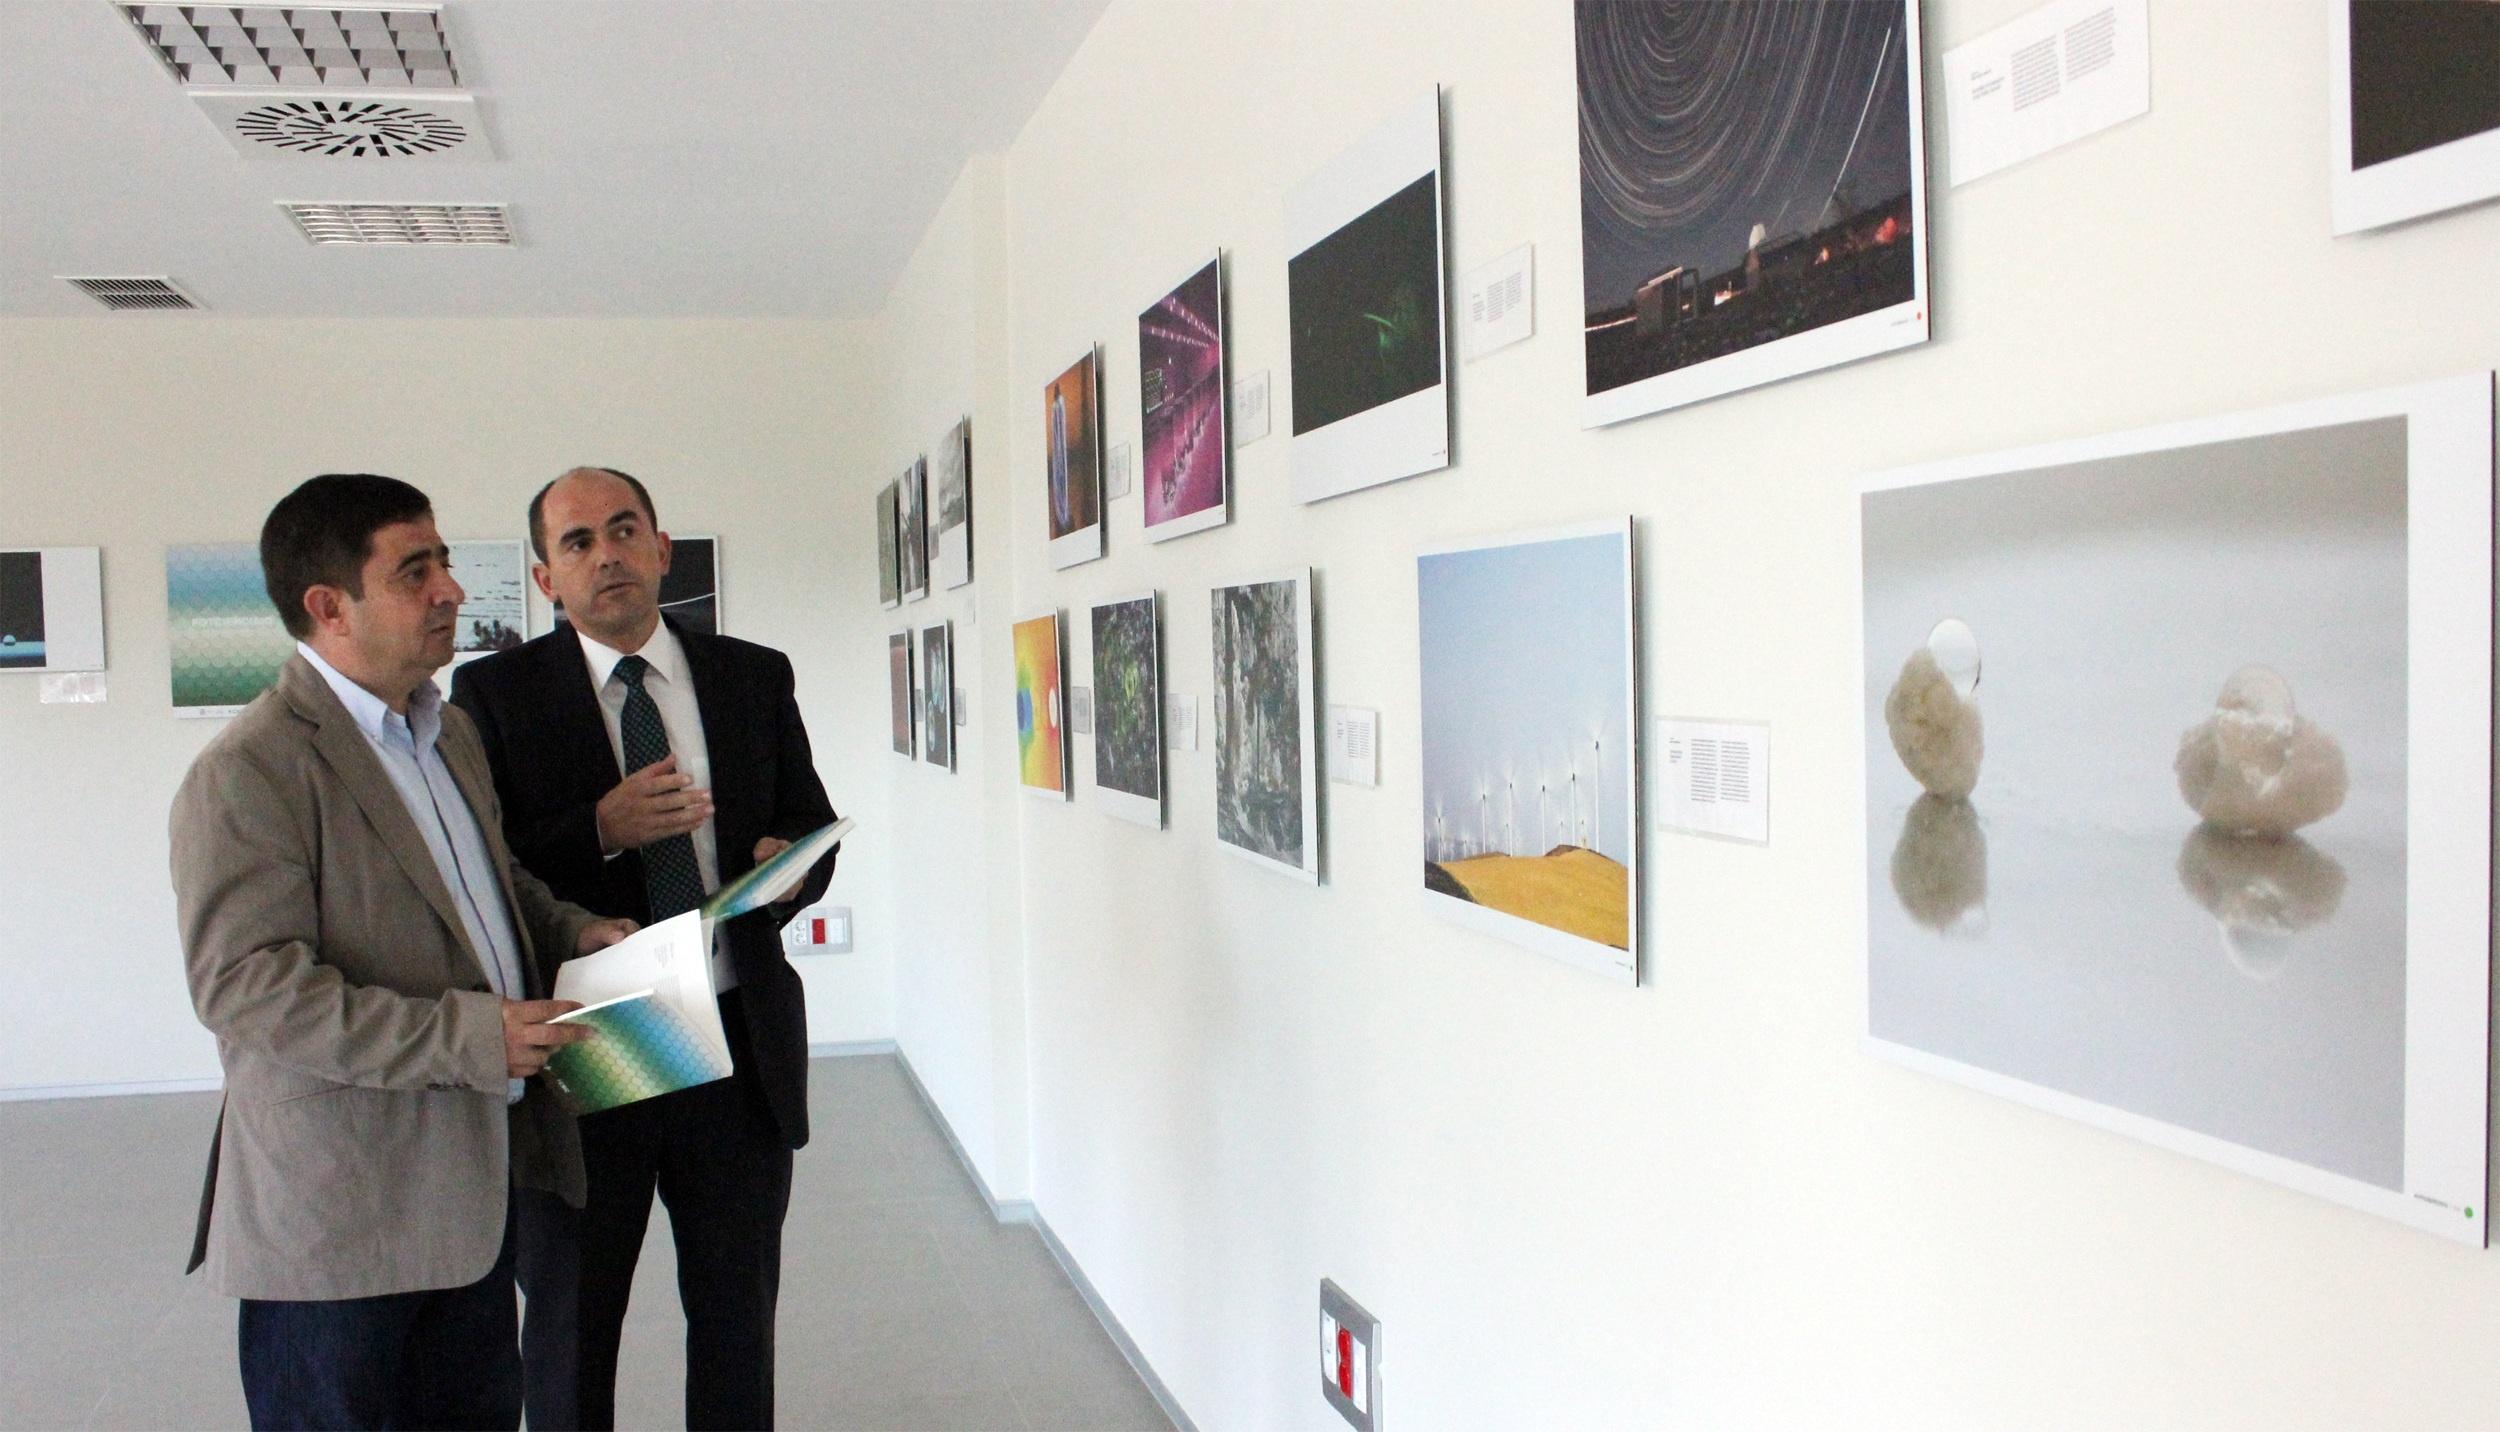 Geolit acoge hasta el 6 de octubre la muestra fotográfica »Fotciencia», que «acerca la ciencia a los ciudadanos»